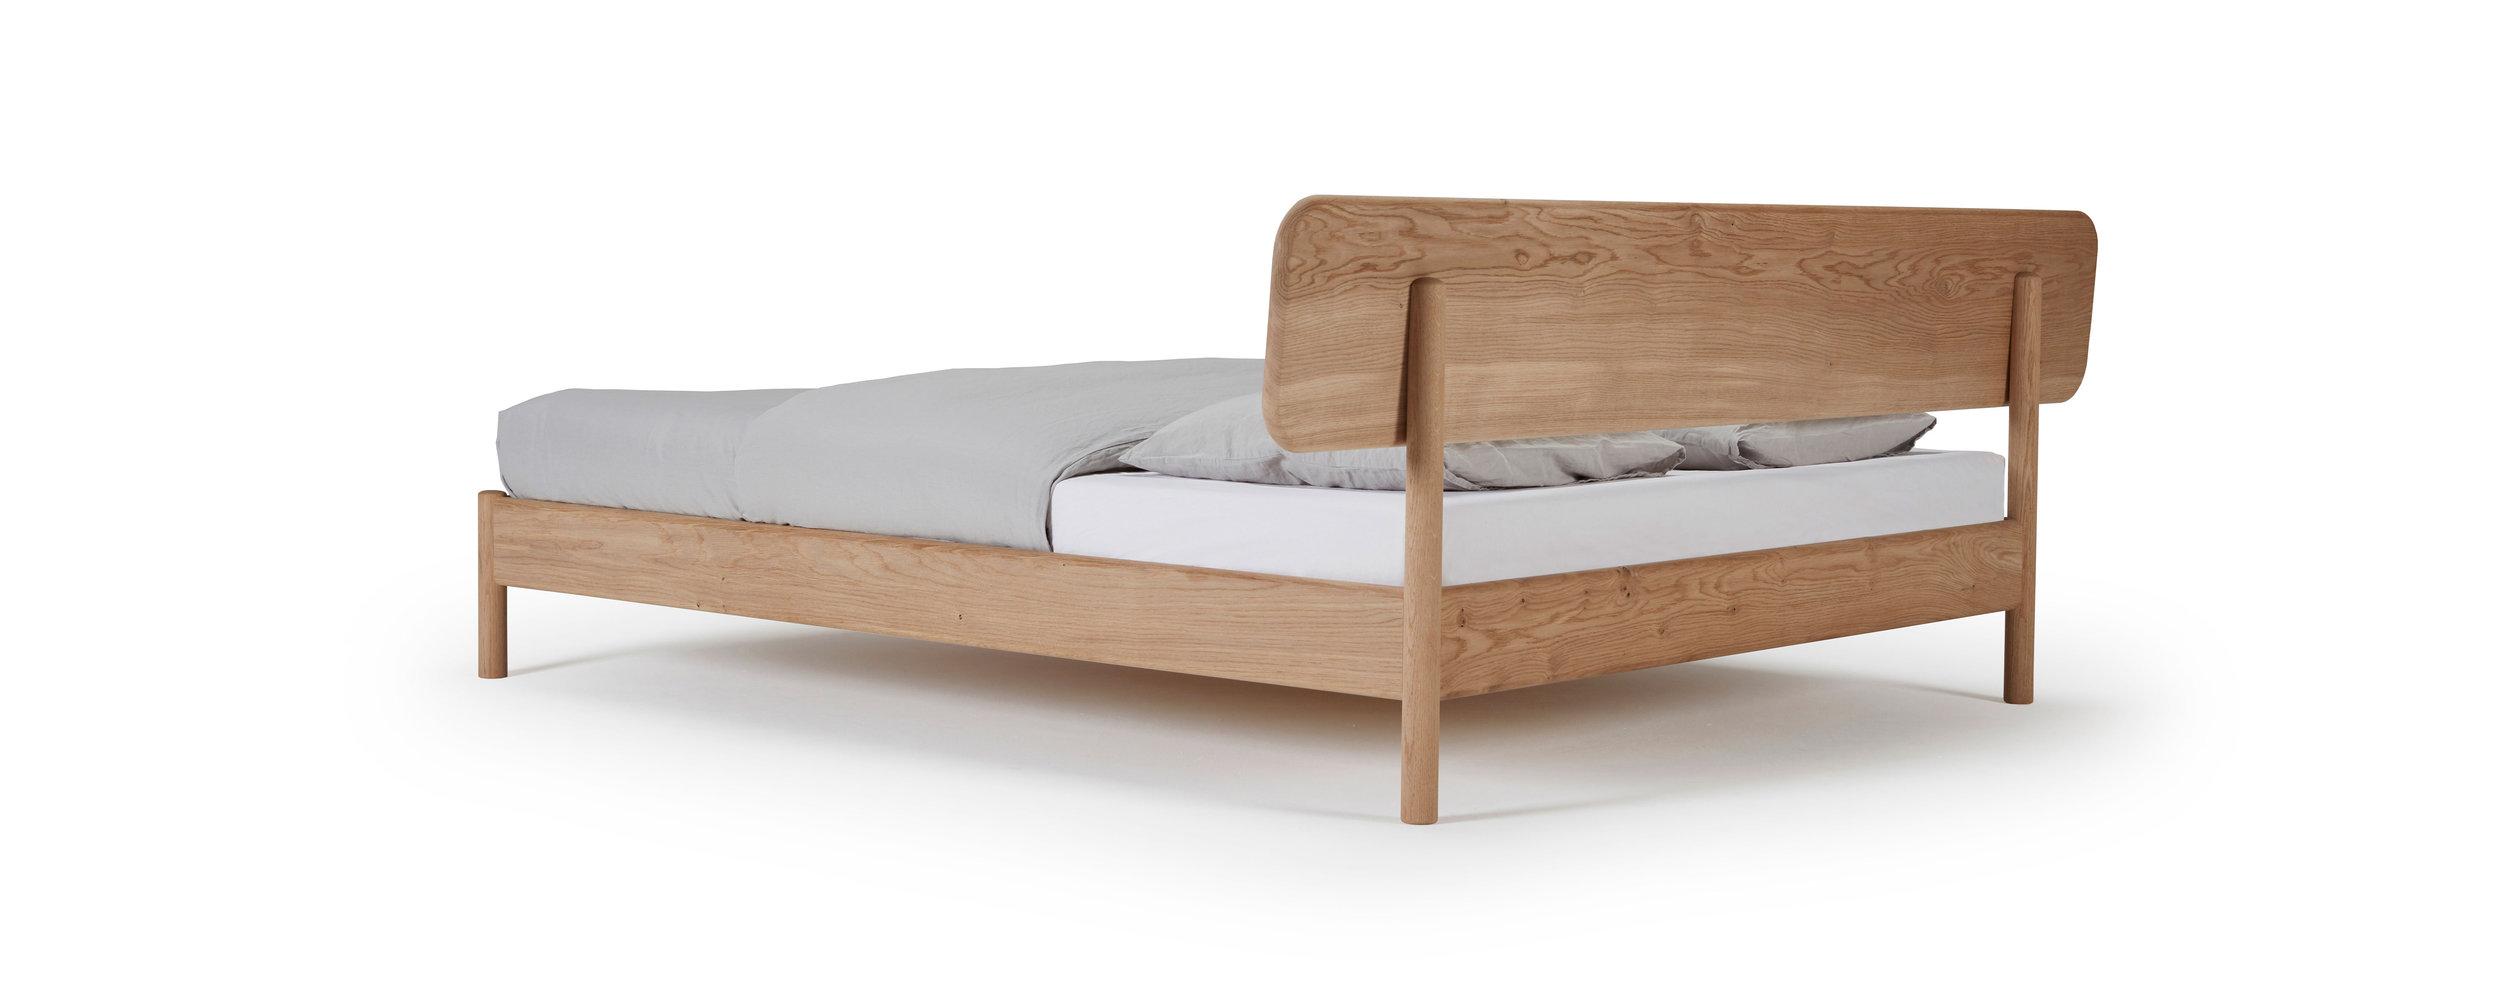 re-alken-bed-23.jpg